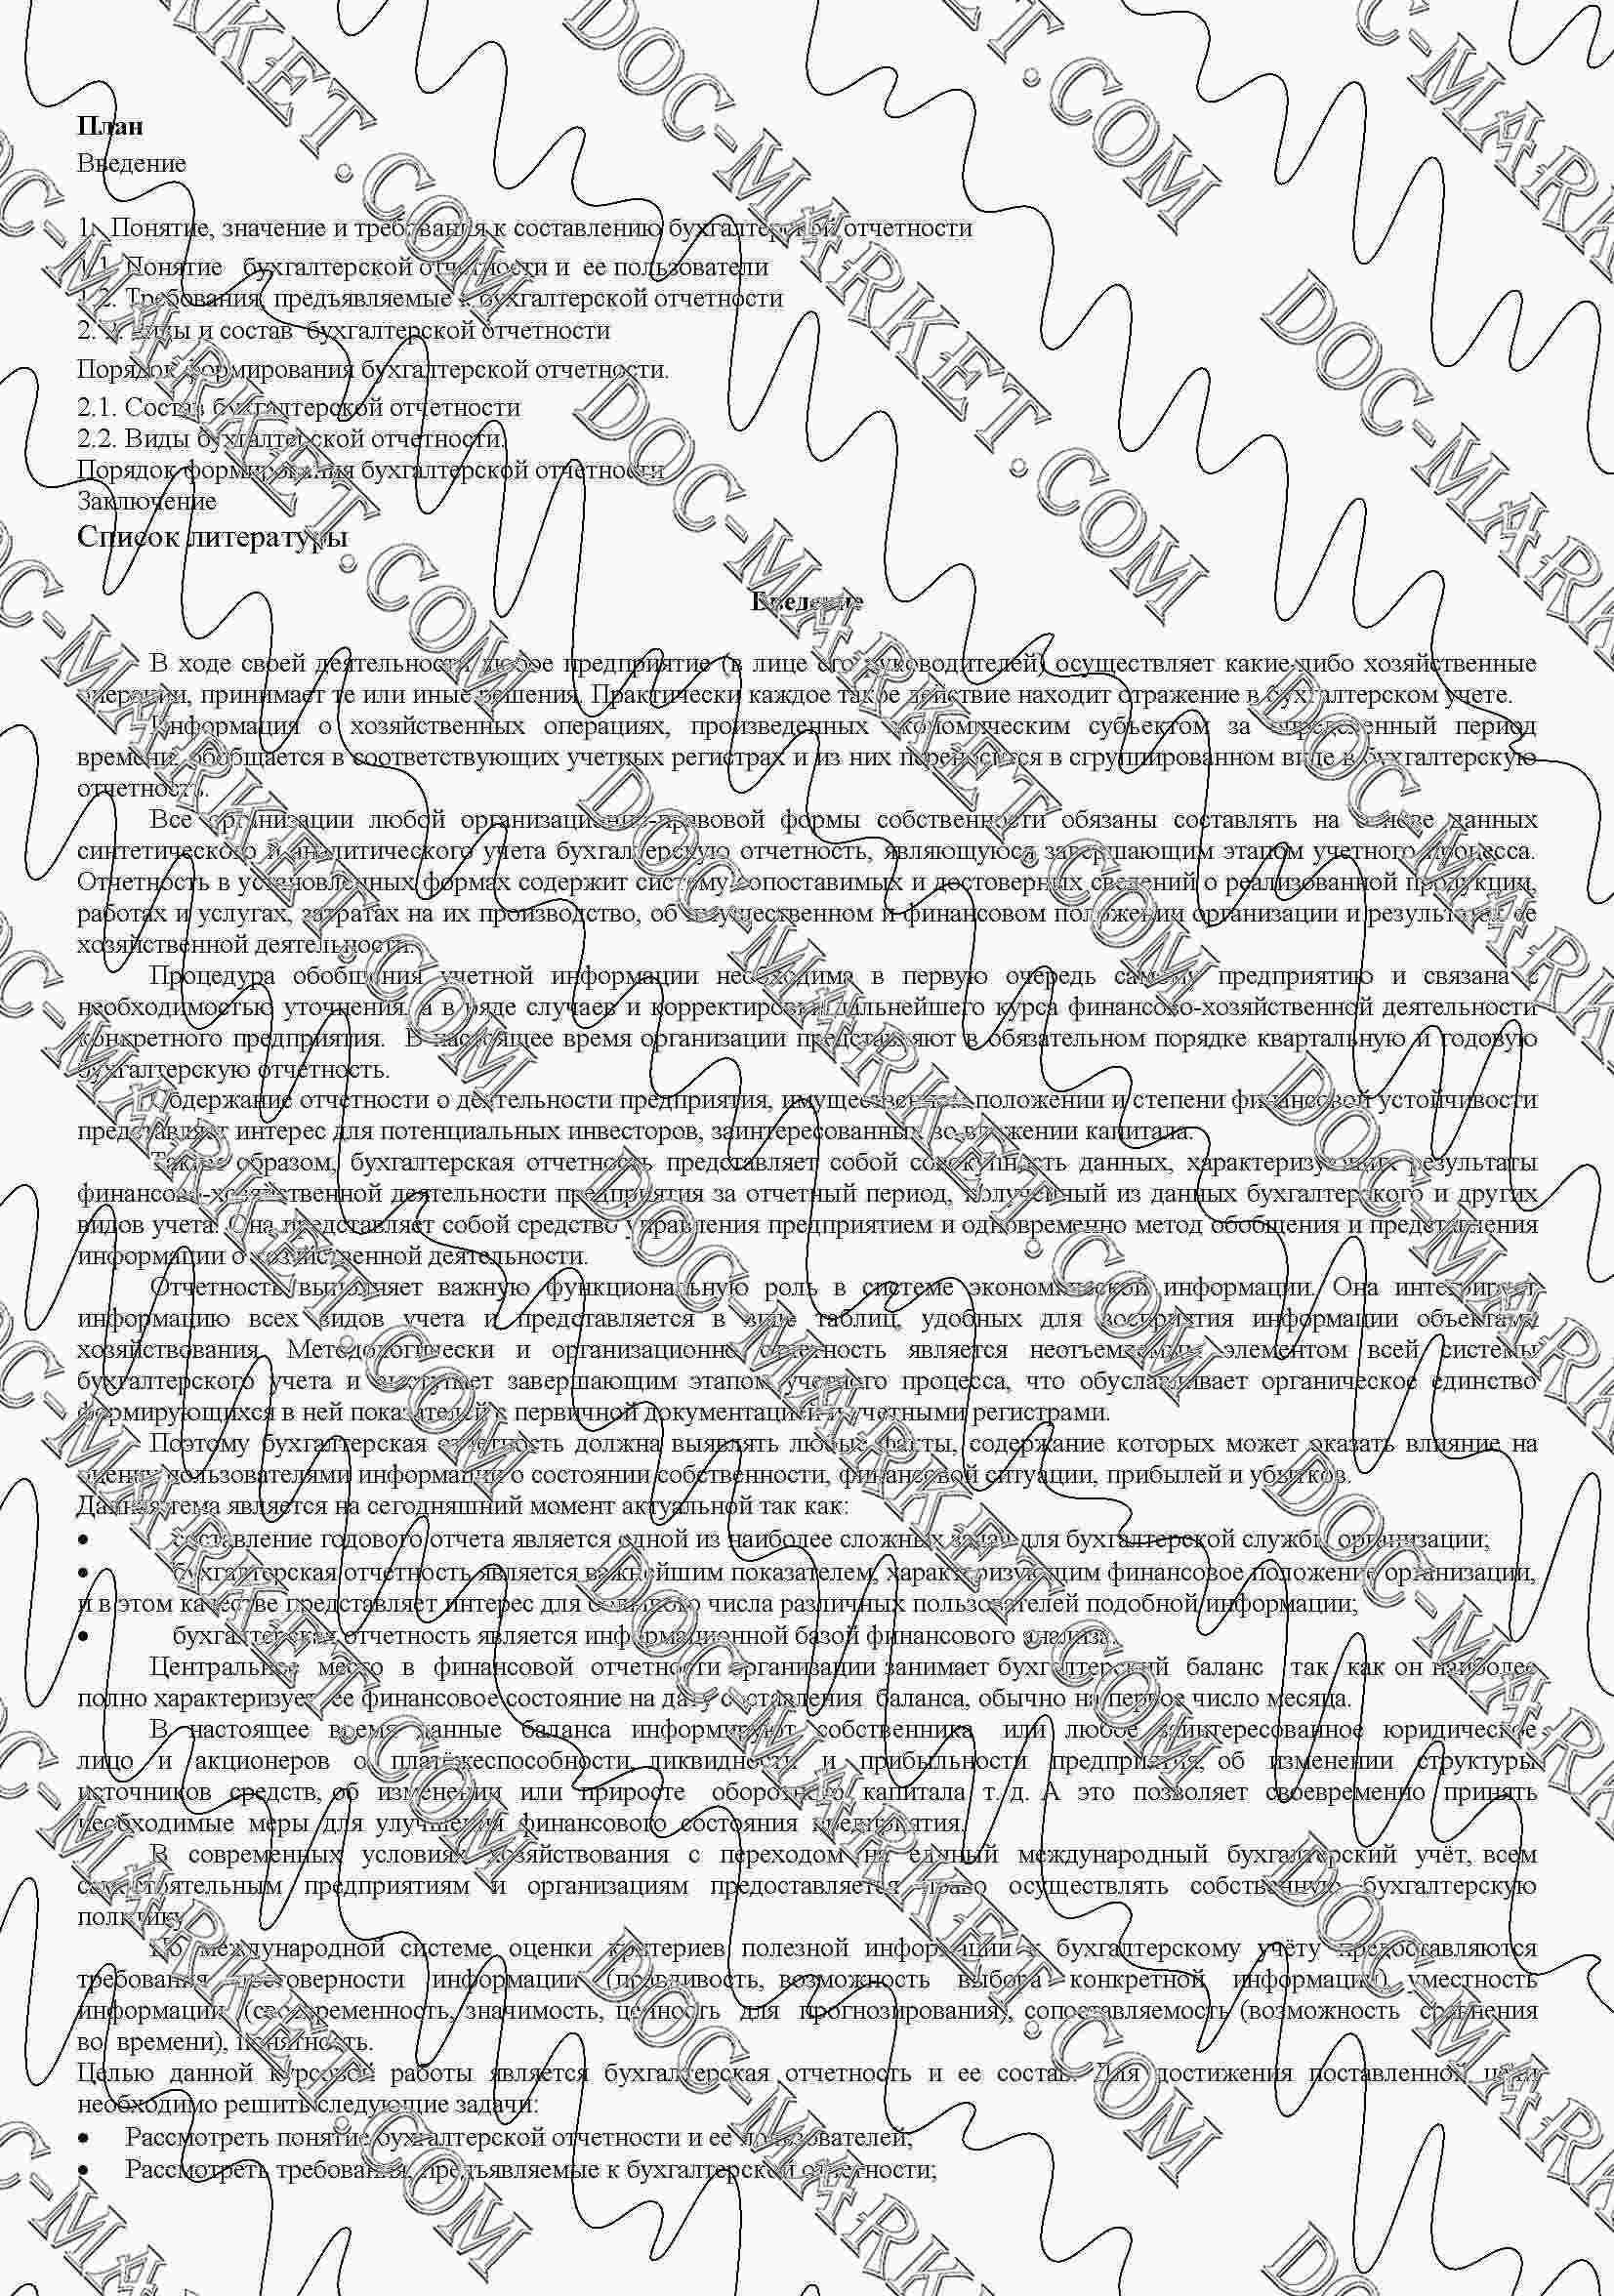 Курсовая работа Бухгалтерская отчетность и ее состав посмотреть  курсовая бухгалтерская отчетность и её состав